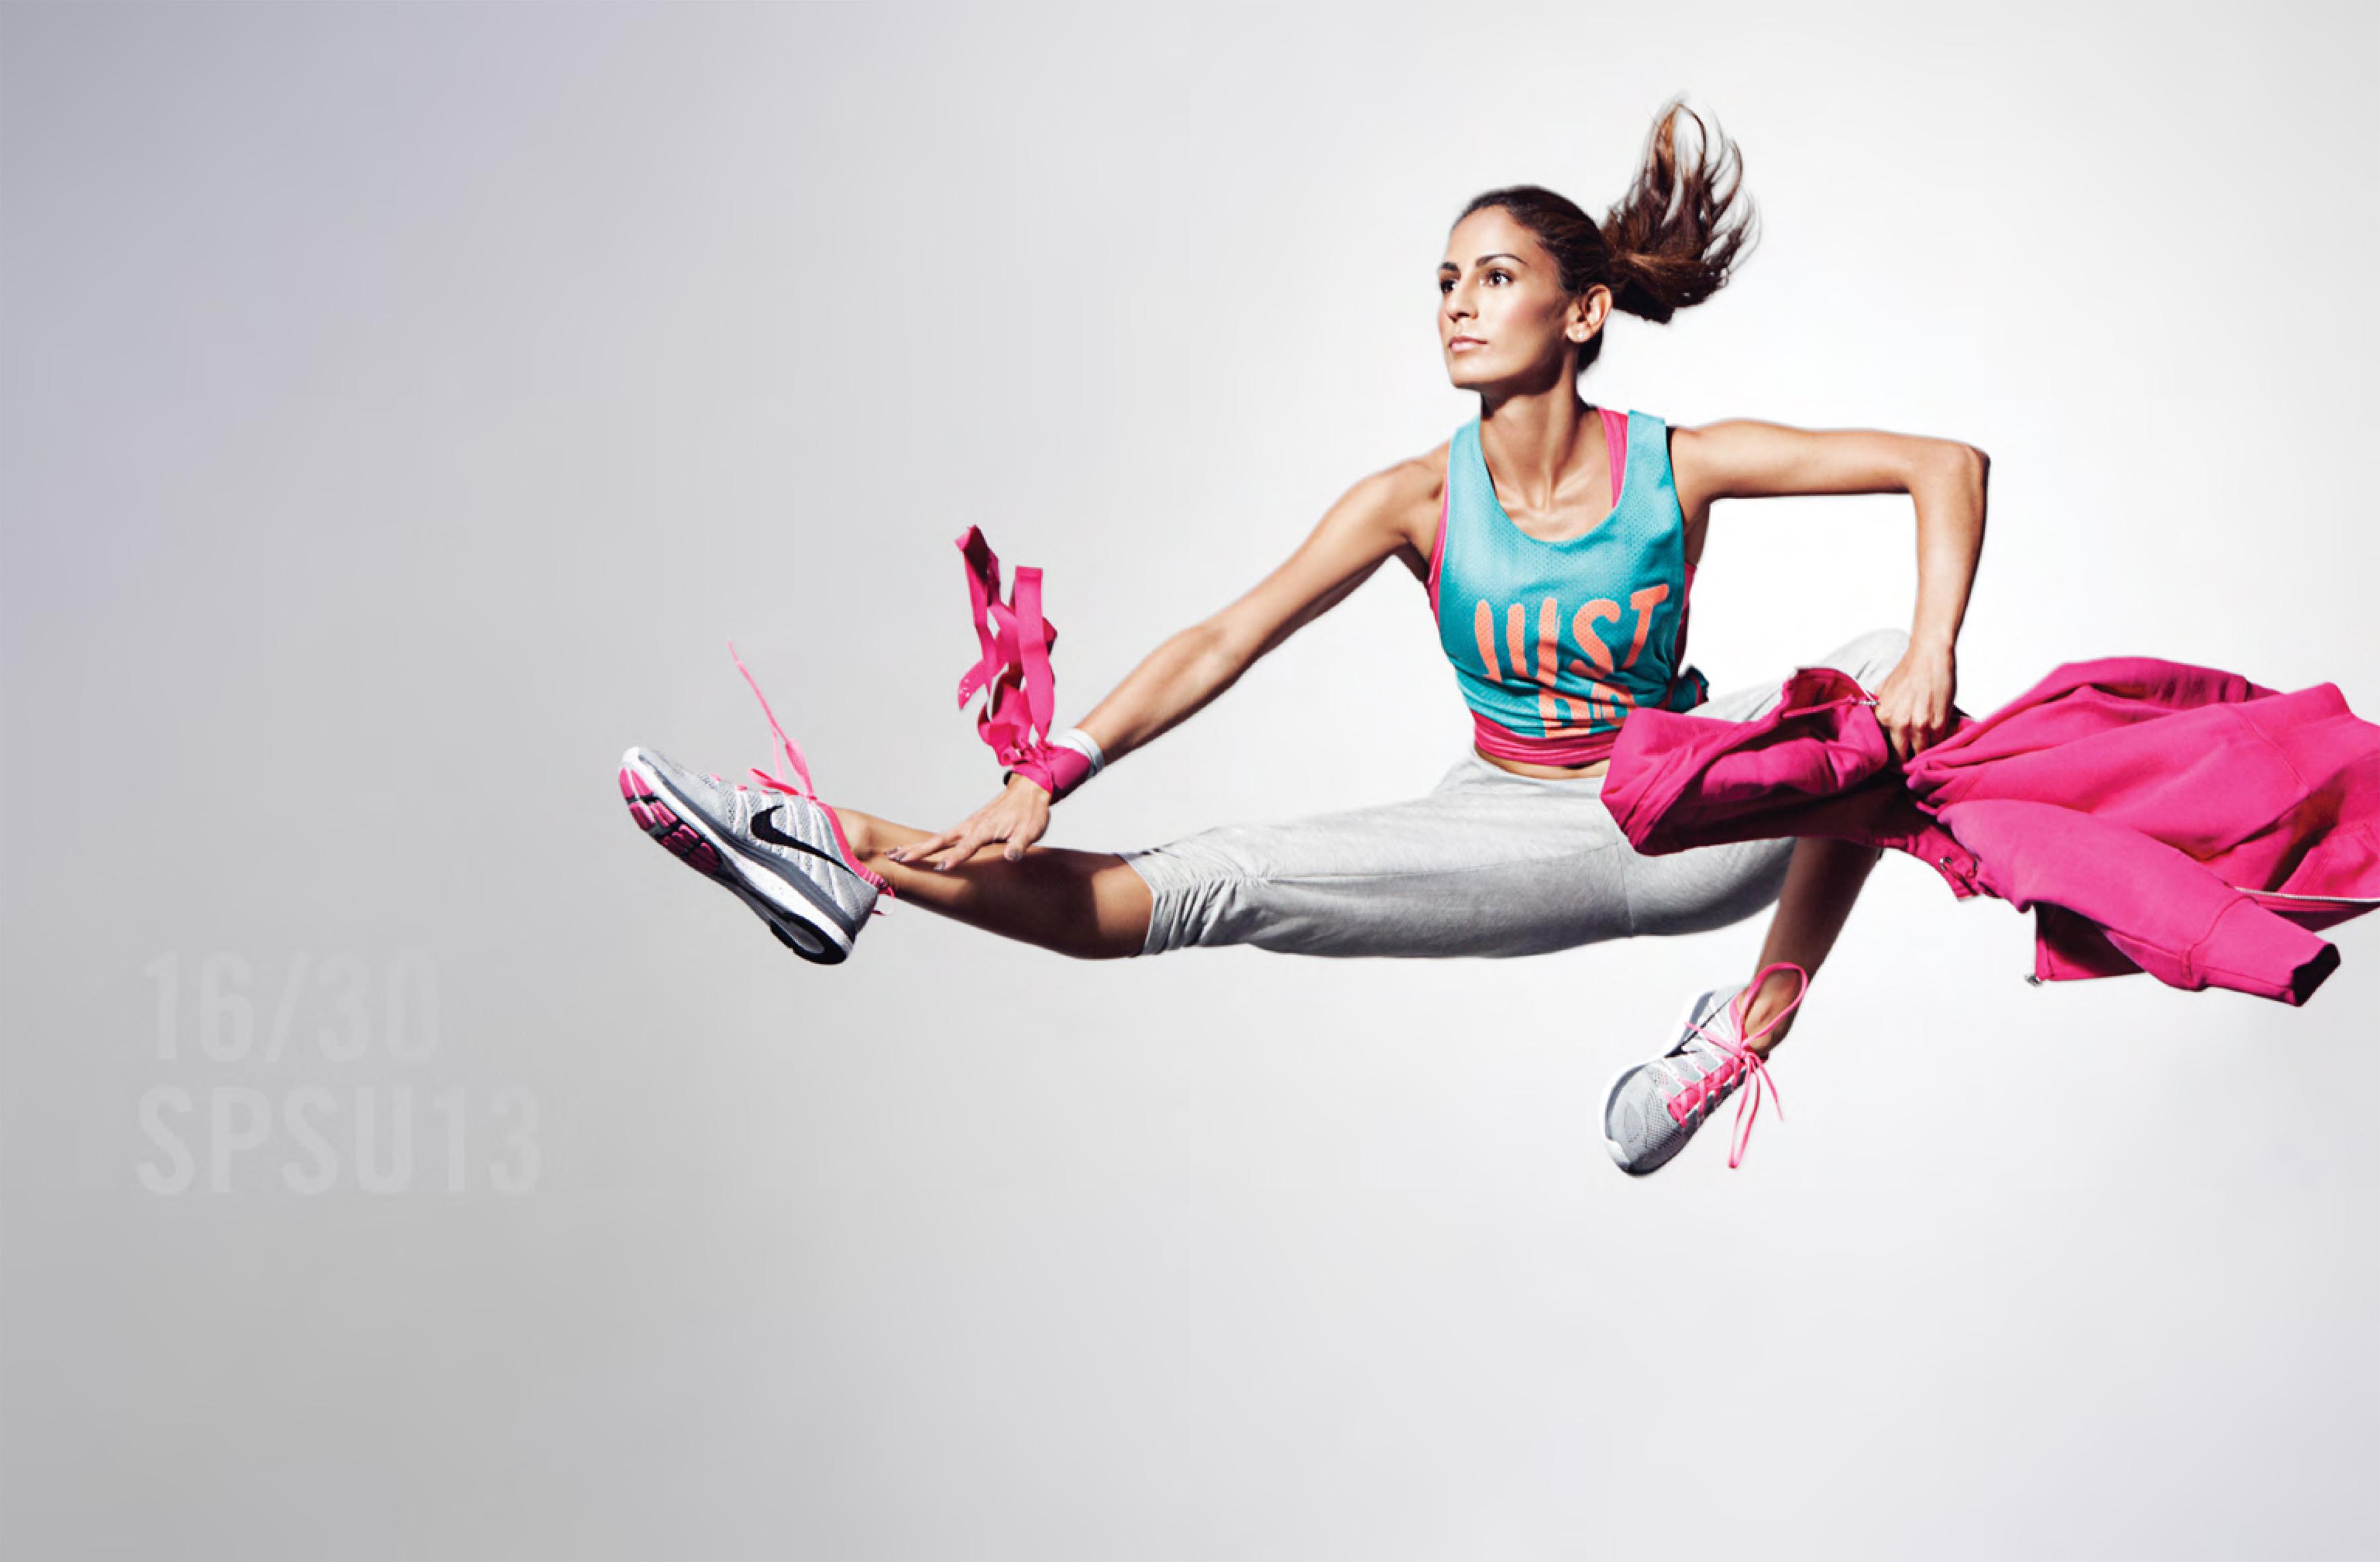 Colecci n nike women primavera verano 2013 for Deporte gym